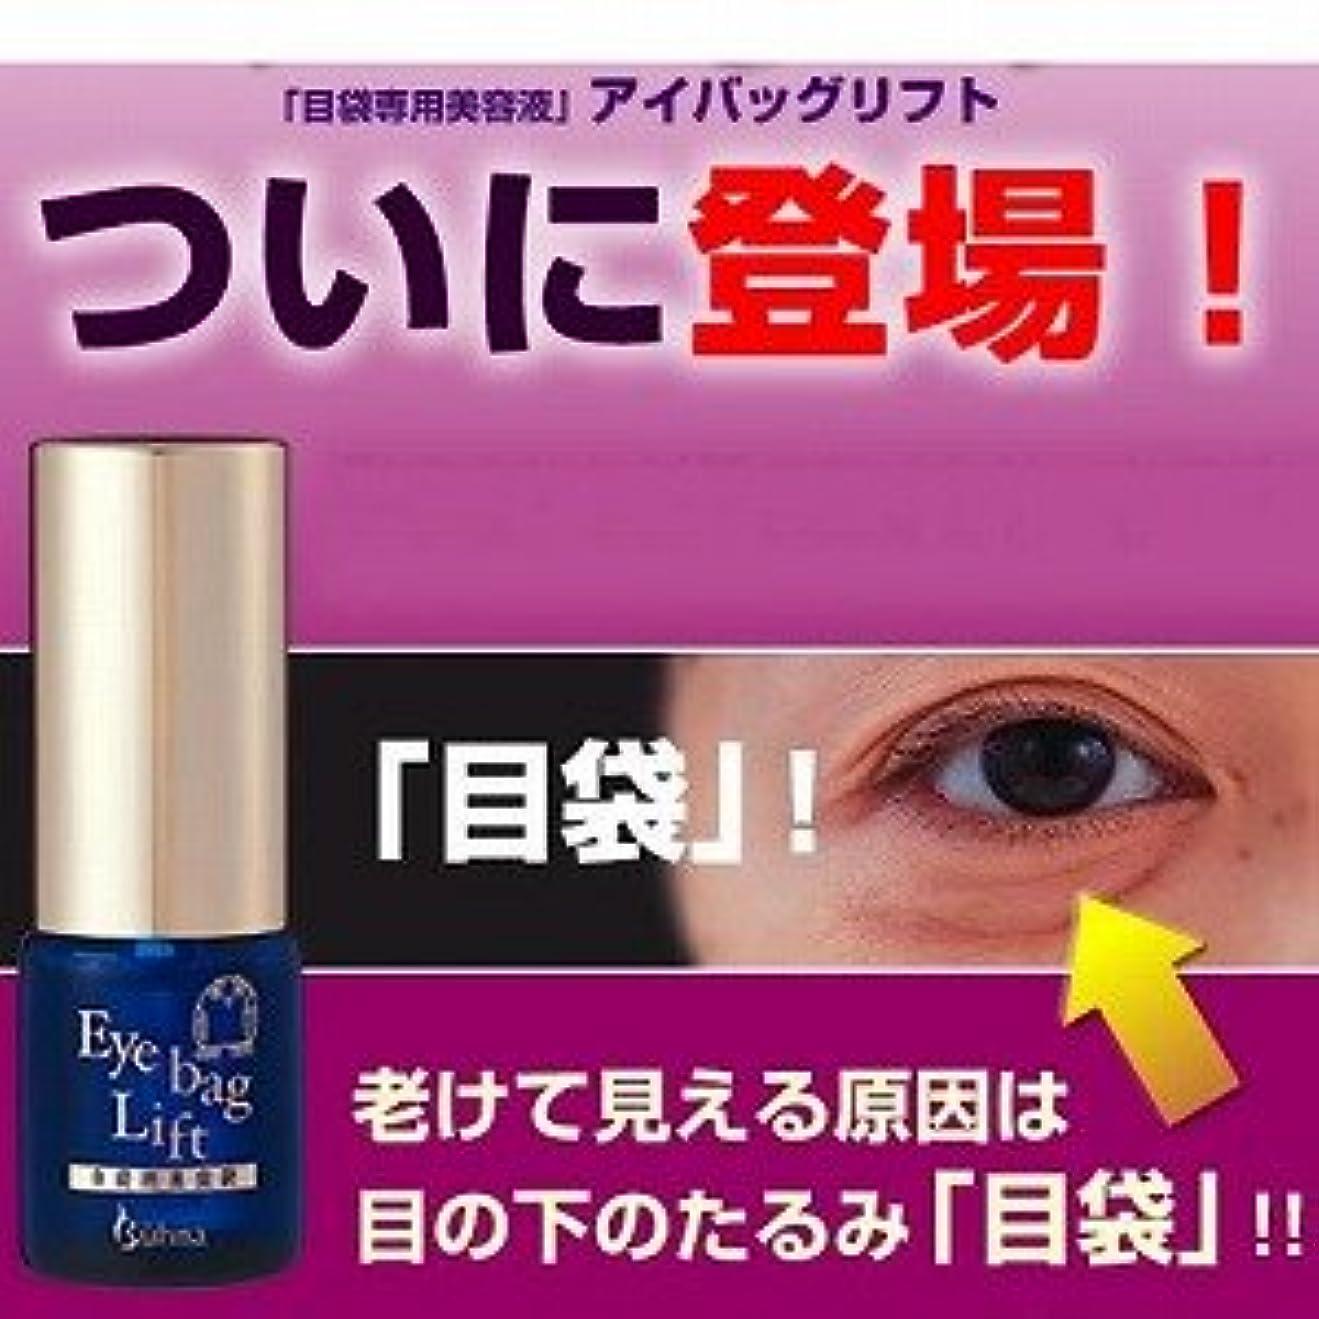 フォークチャーミングマラドロイト老けて見える原因は、目元、目の下のたるみ「目袋」『目袋専用美容液 アイバッグリフト』